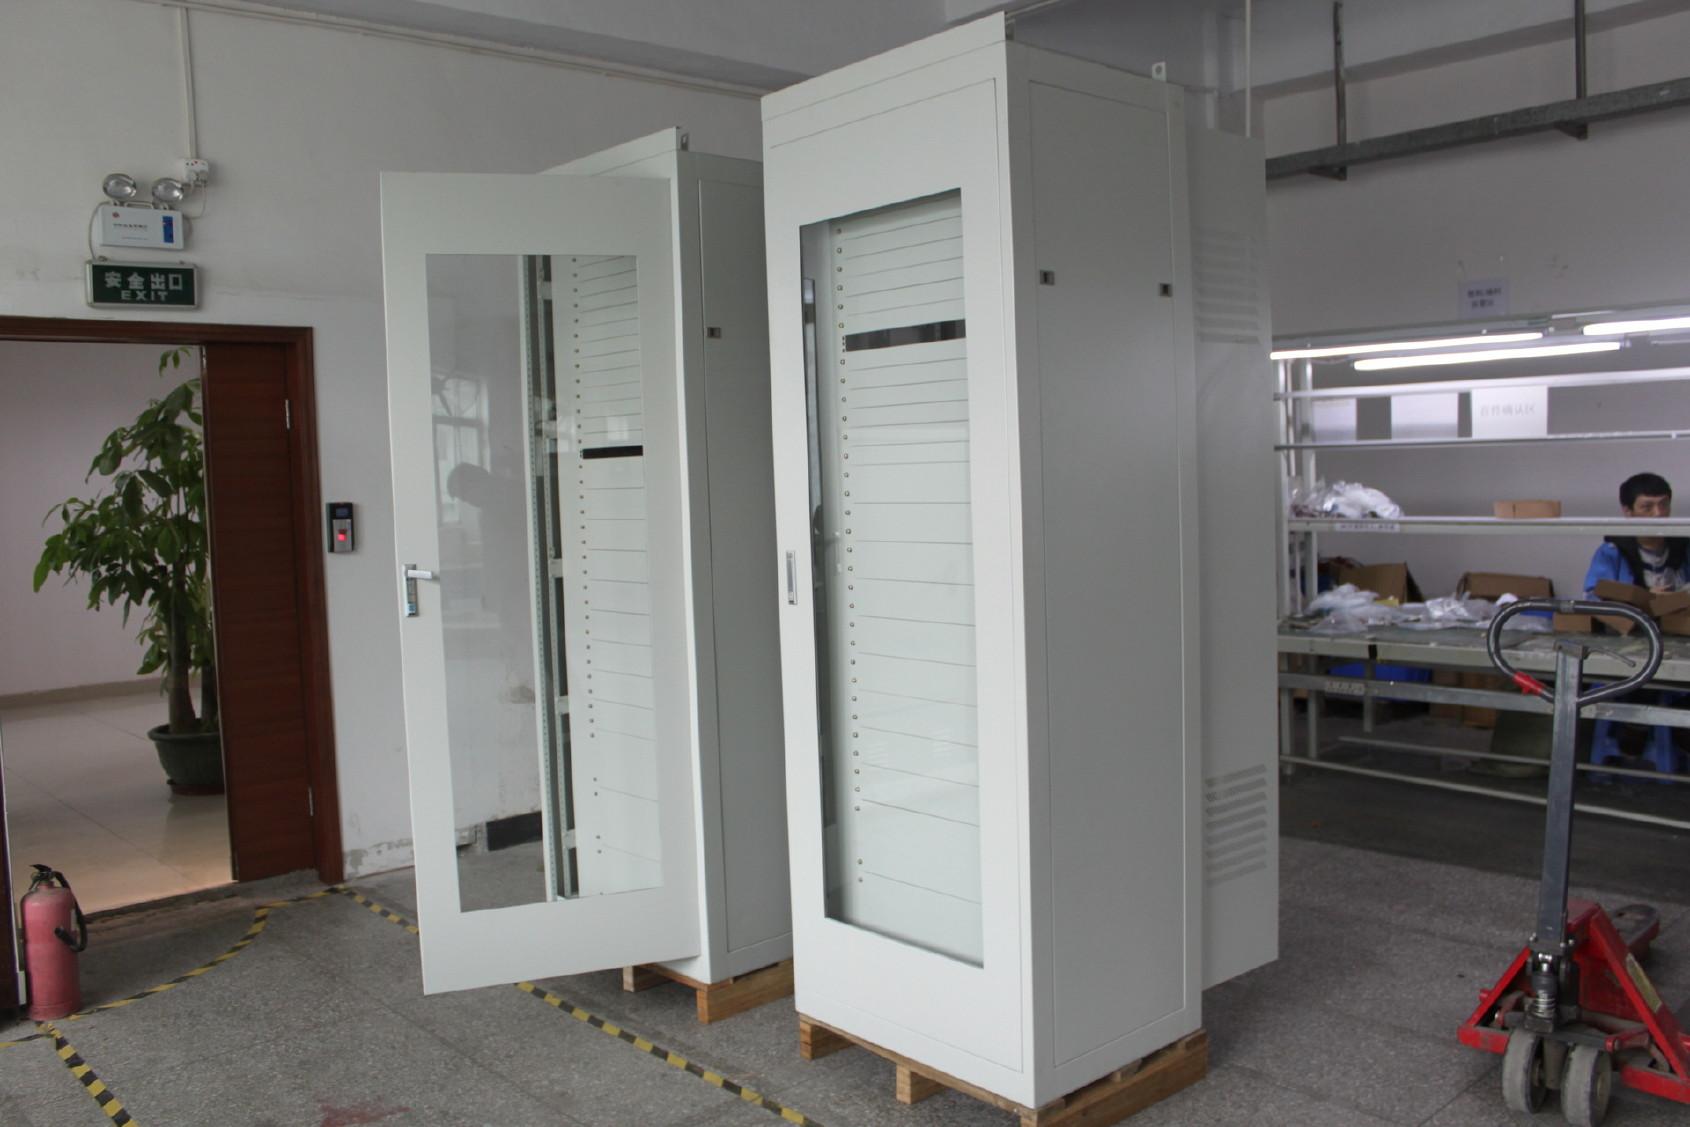 服务器机柜 网络机柜 监控机柜交换机机柜42U调度 九折14折调度